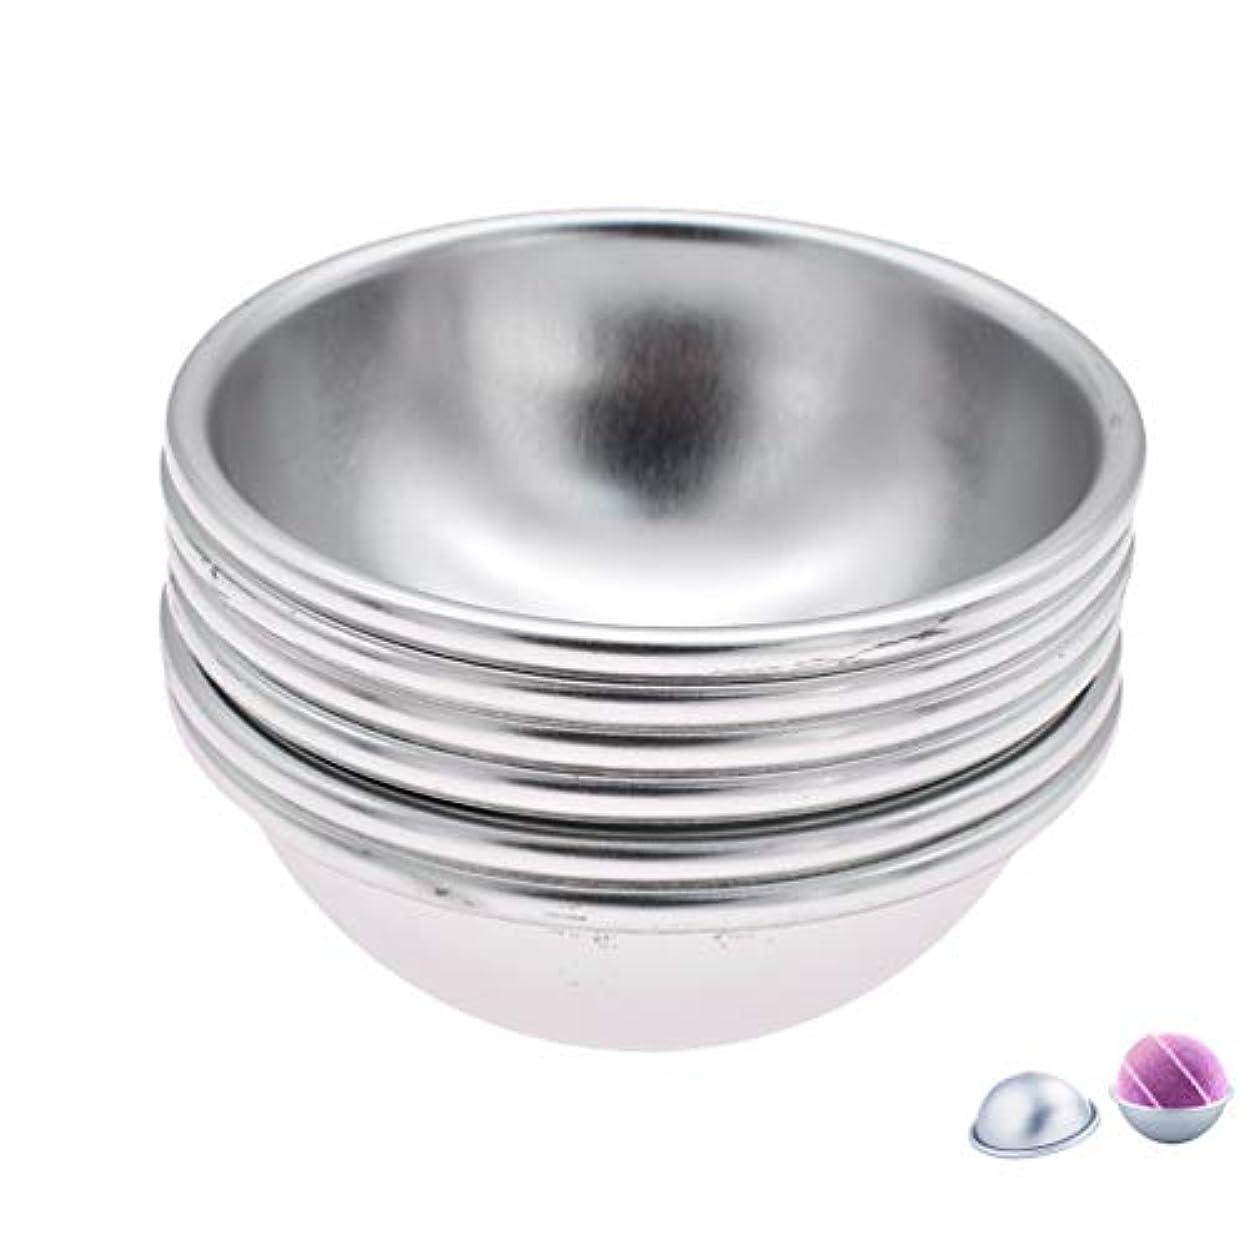 シルエット酔う参照(ライチ) Lychee 6個セット バスボム型 石鹸製造ツールセット 円形金型 DIYソープ ハンドメイド 食品にも使用可 ケーキ型 お菓子型